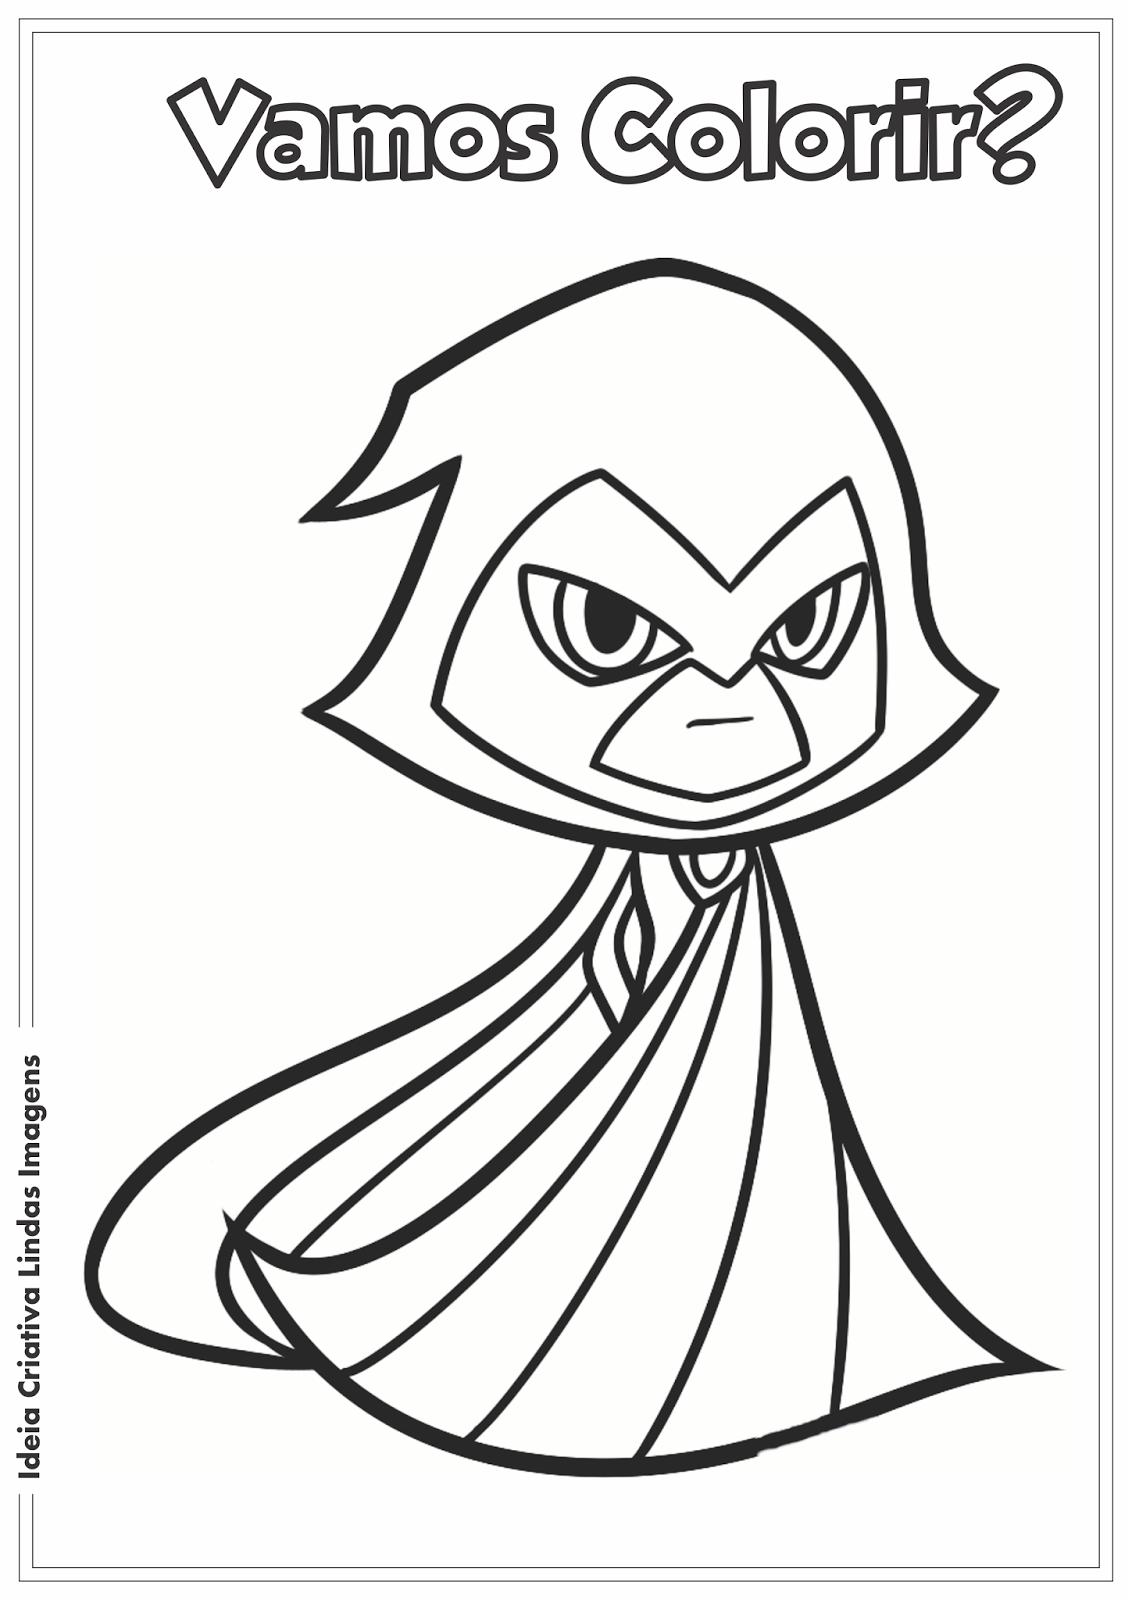 Desenho Pampekids Net Desenhos Do Jovens Titans Paginas Para